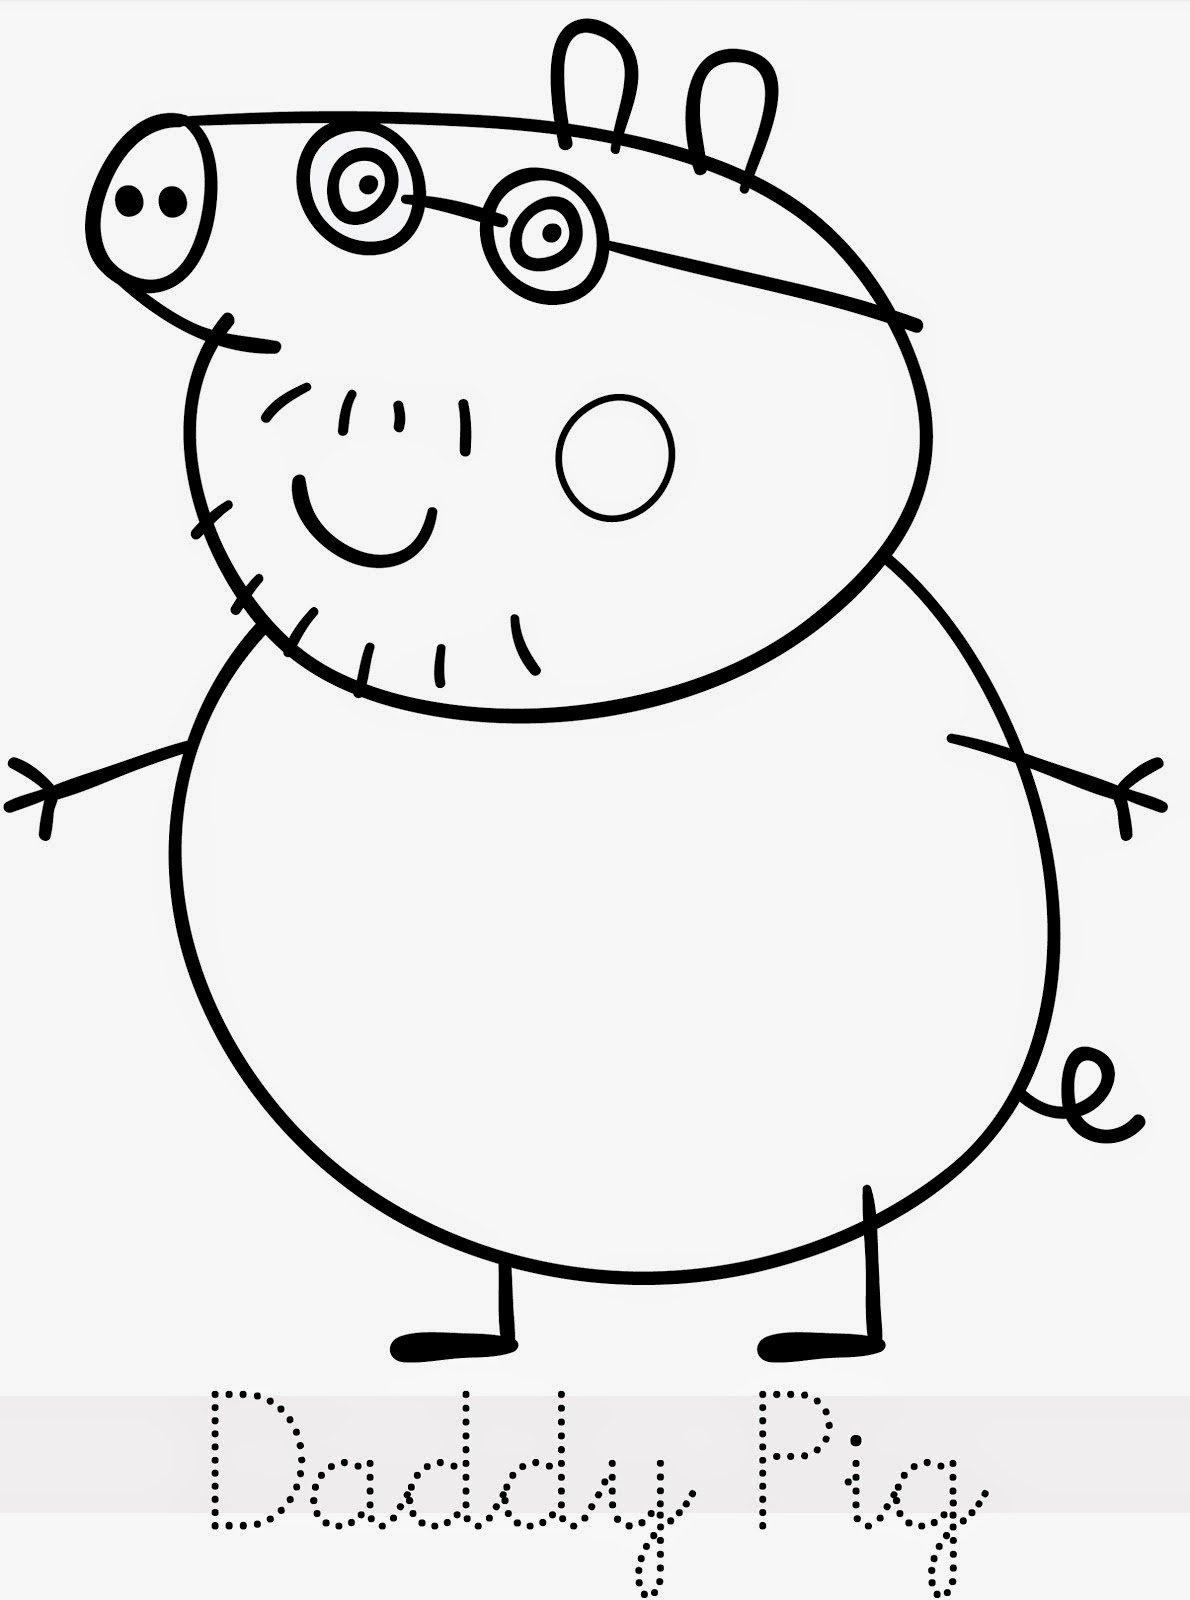 Peppa Pig Papai Colorir Desenho Risco Molde Pintar Imprimir 4